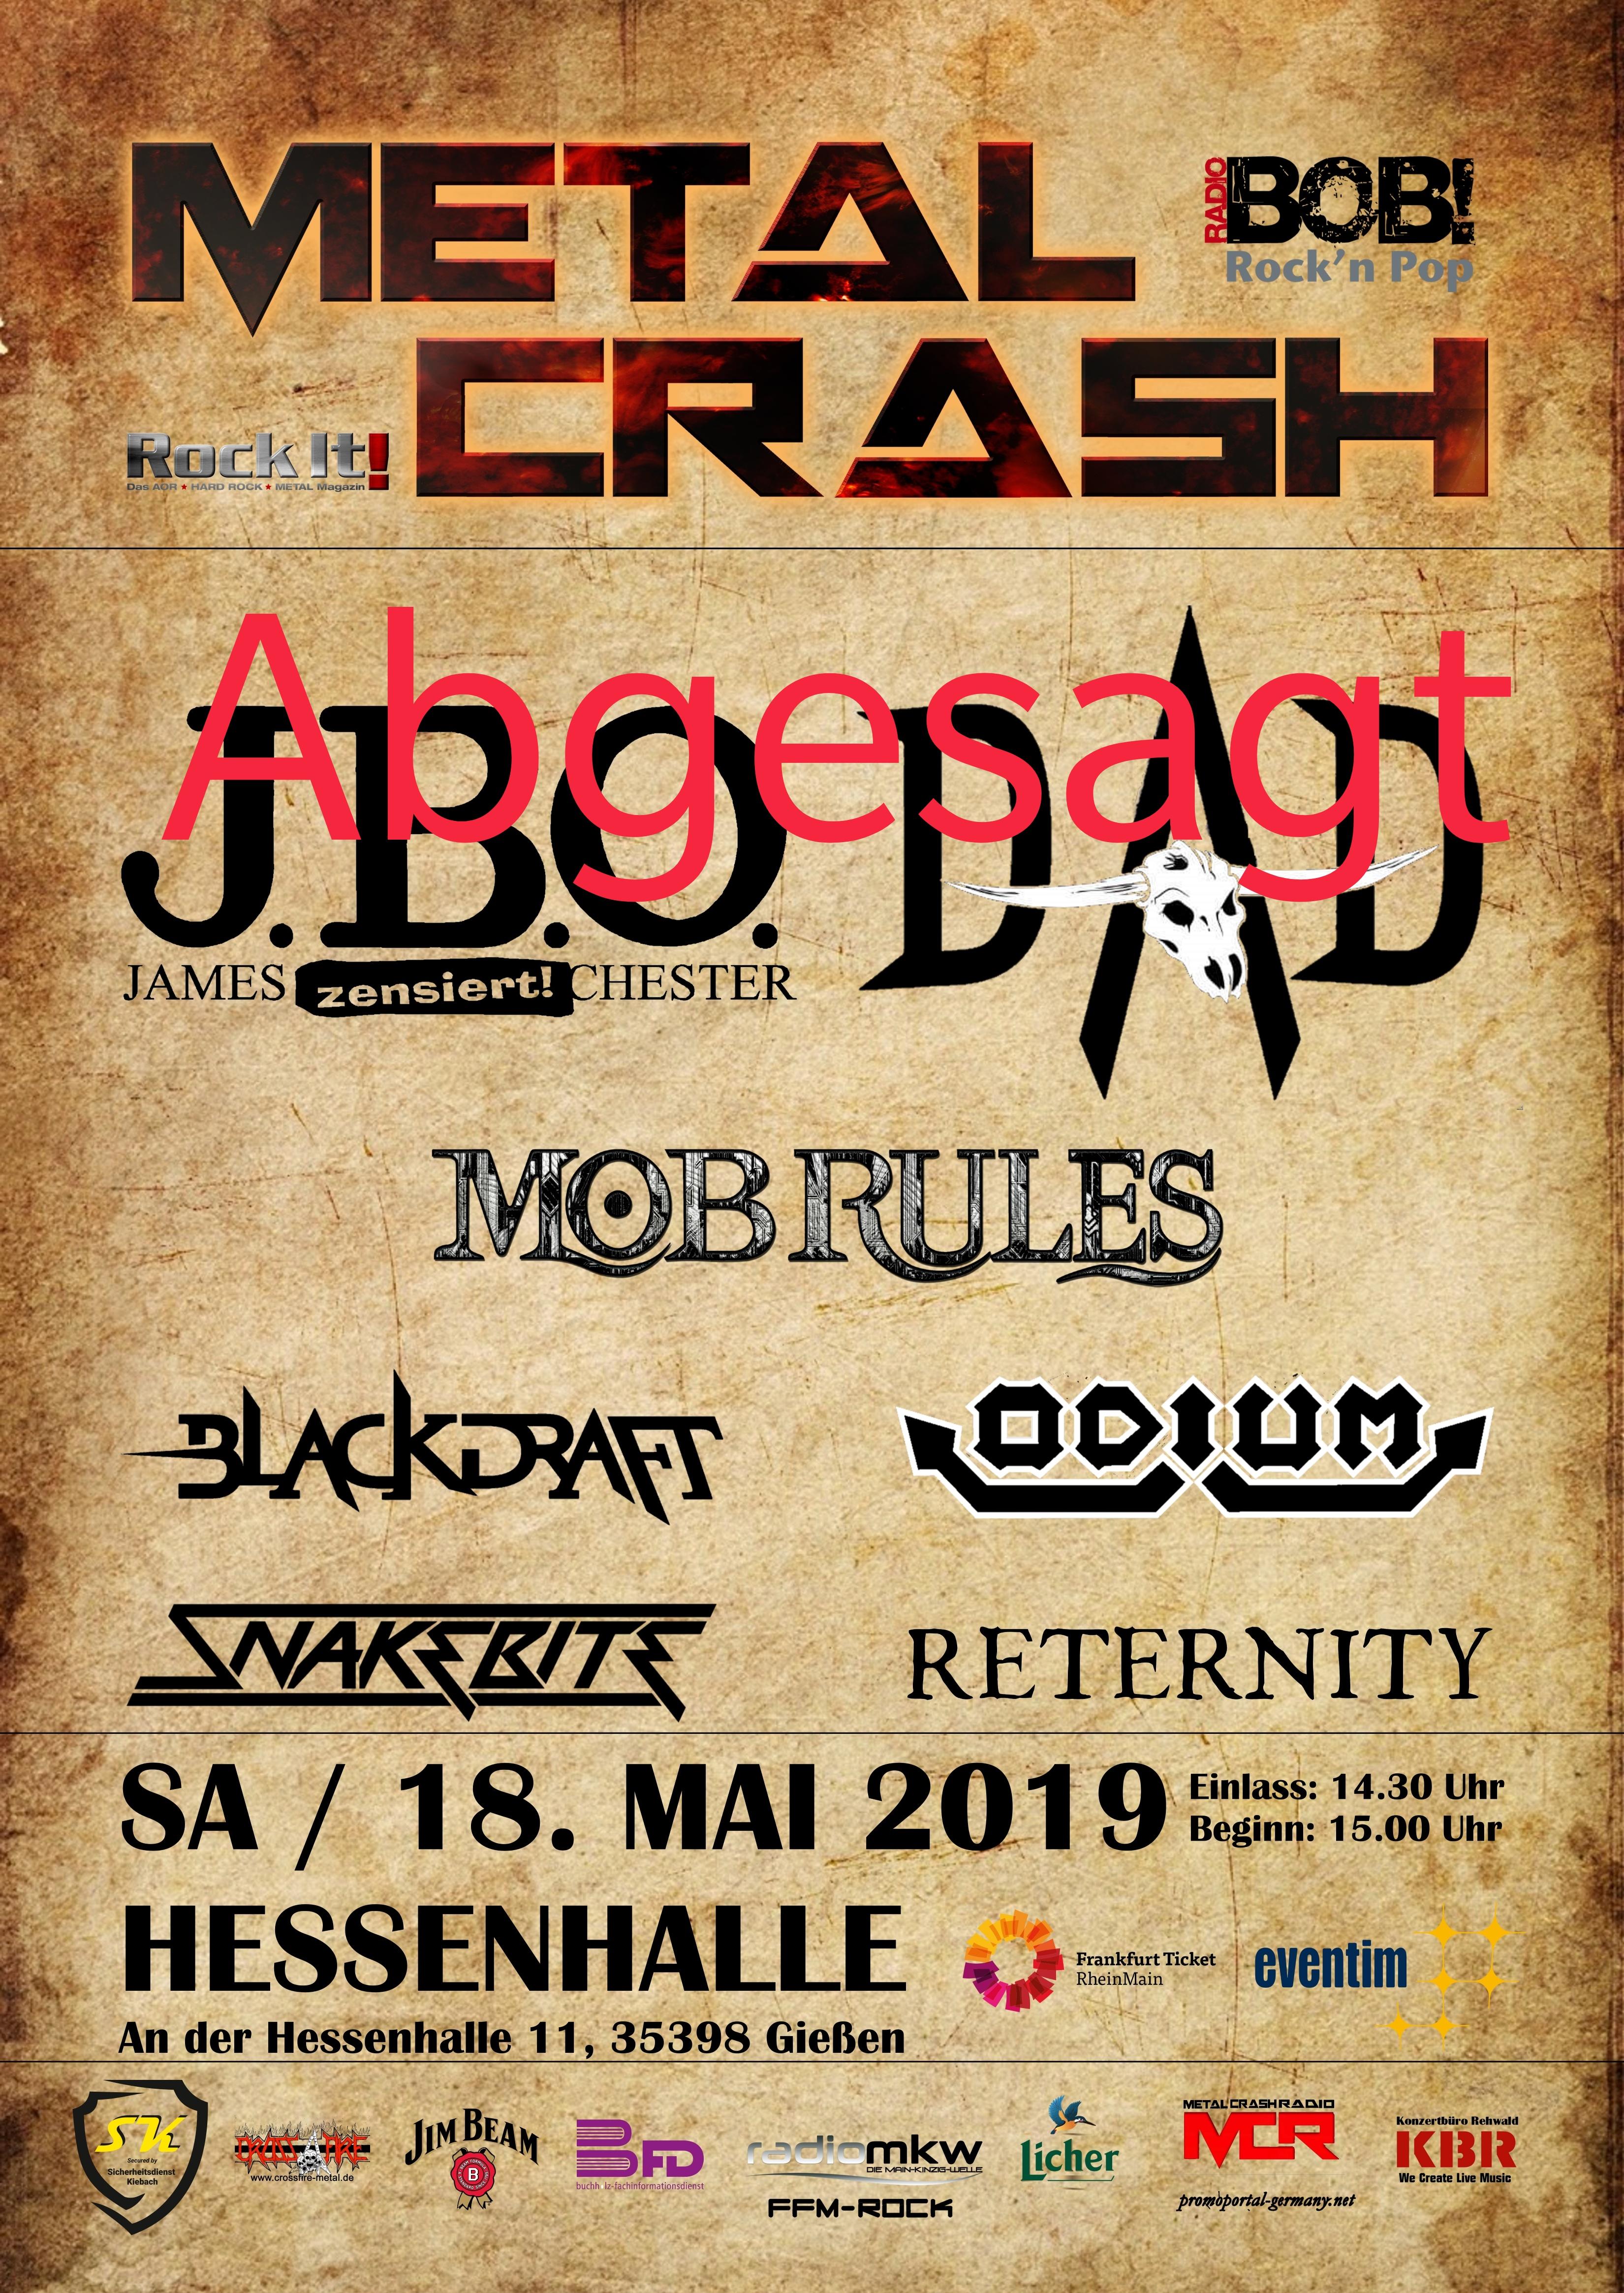 metal-crash-festival-18-mai-2019-abgesagt-news